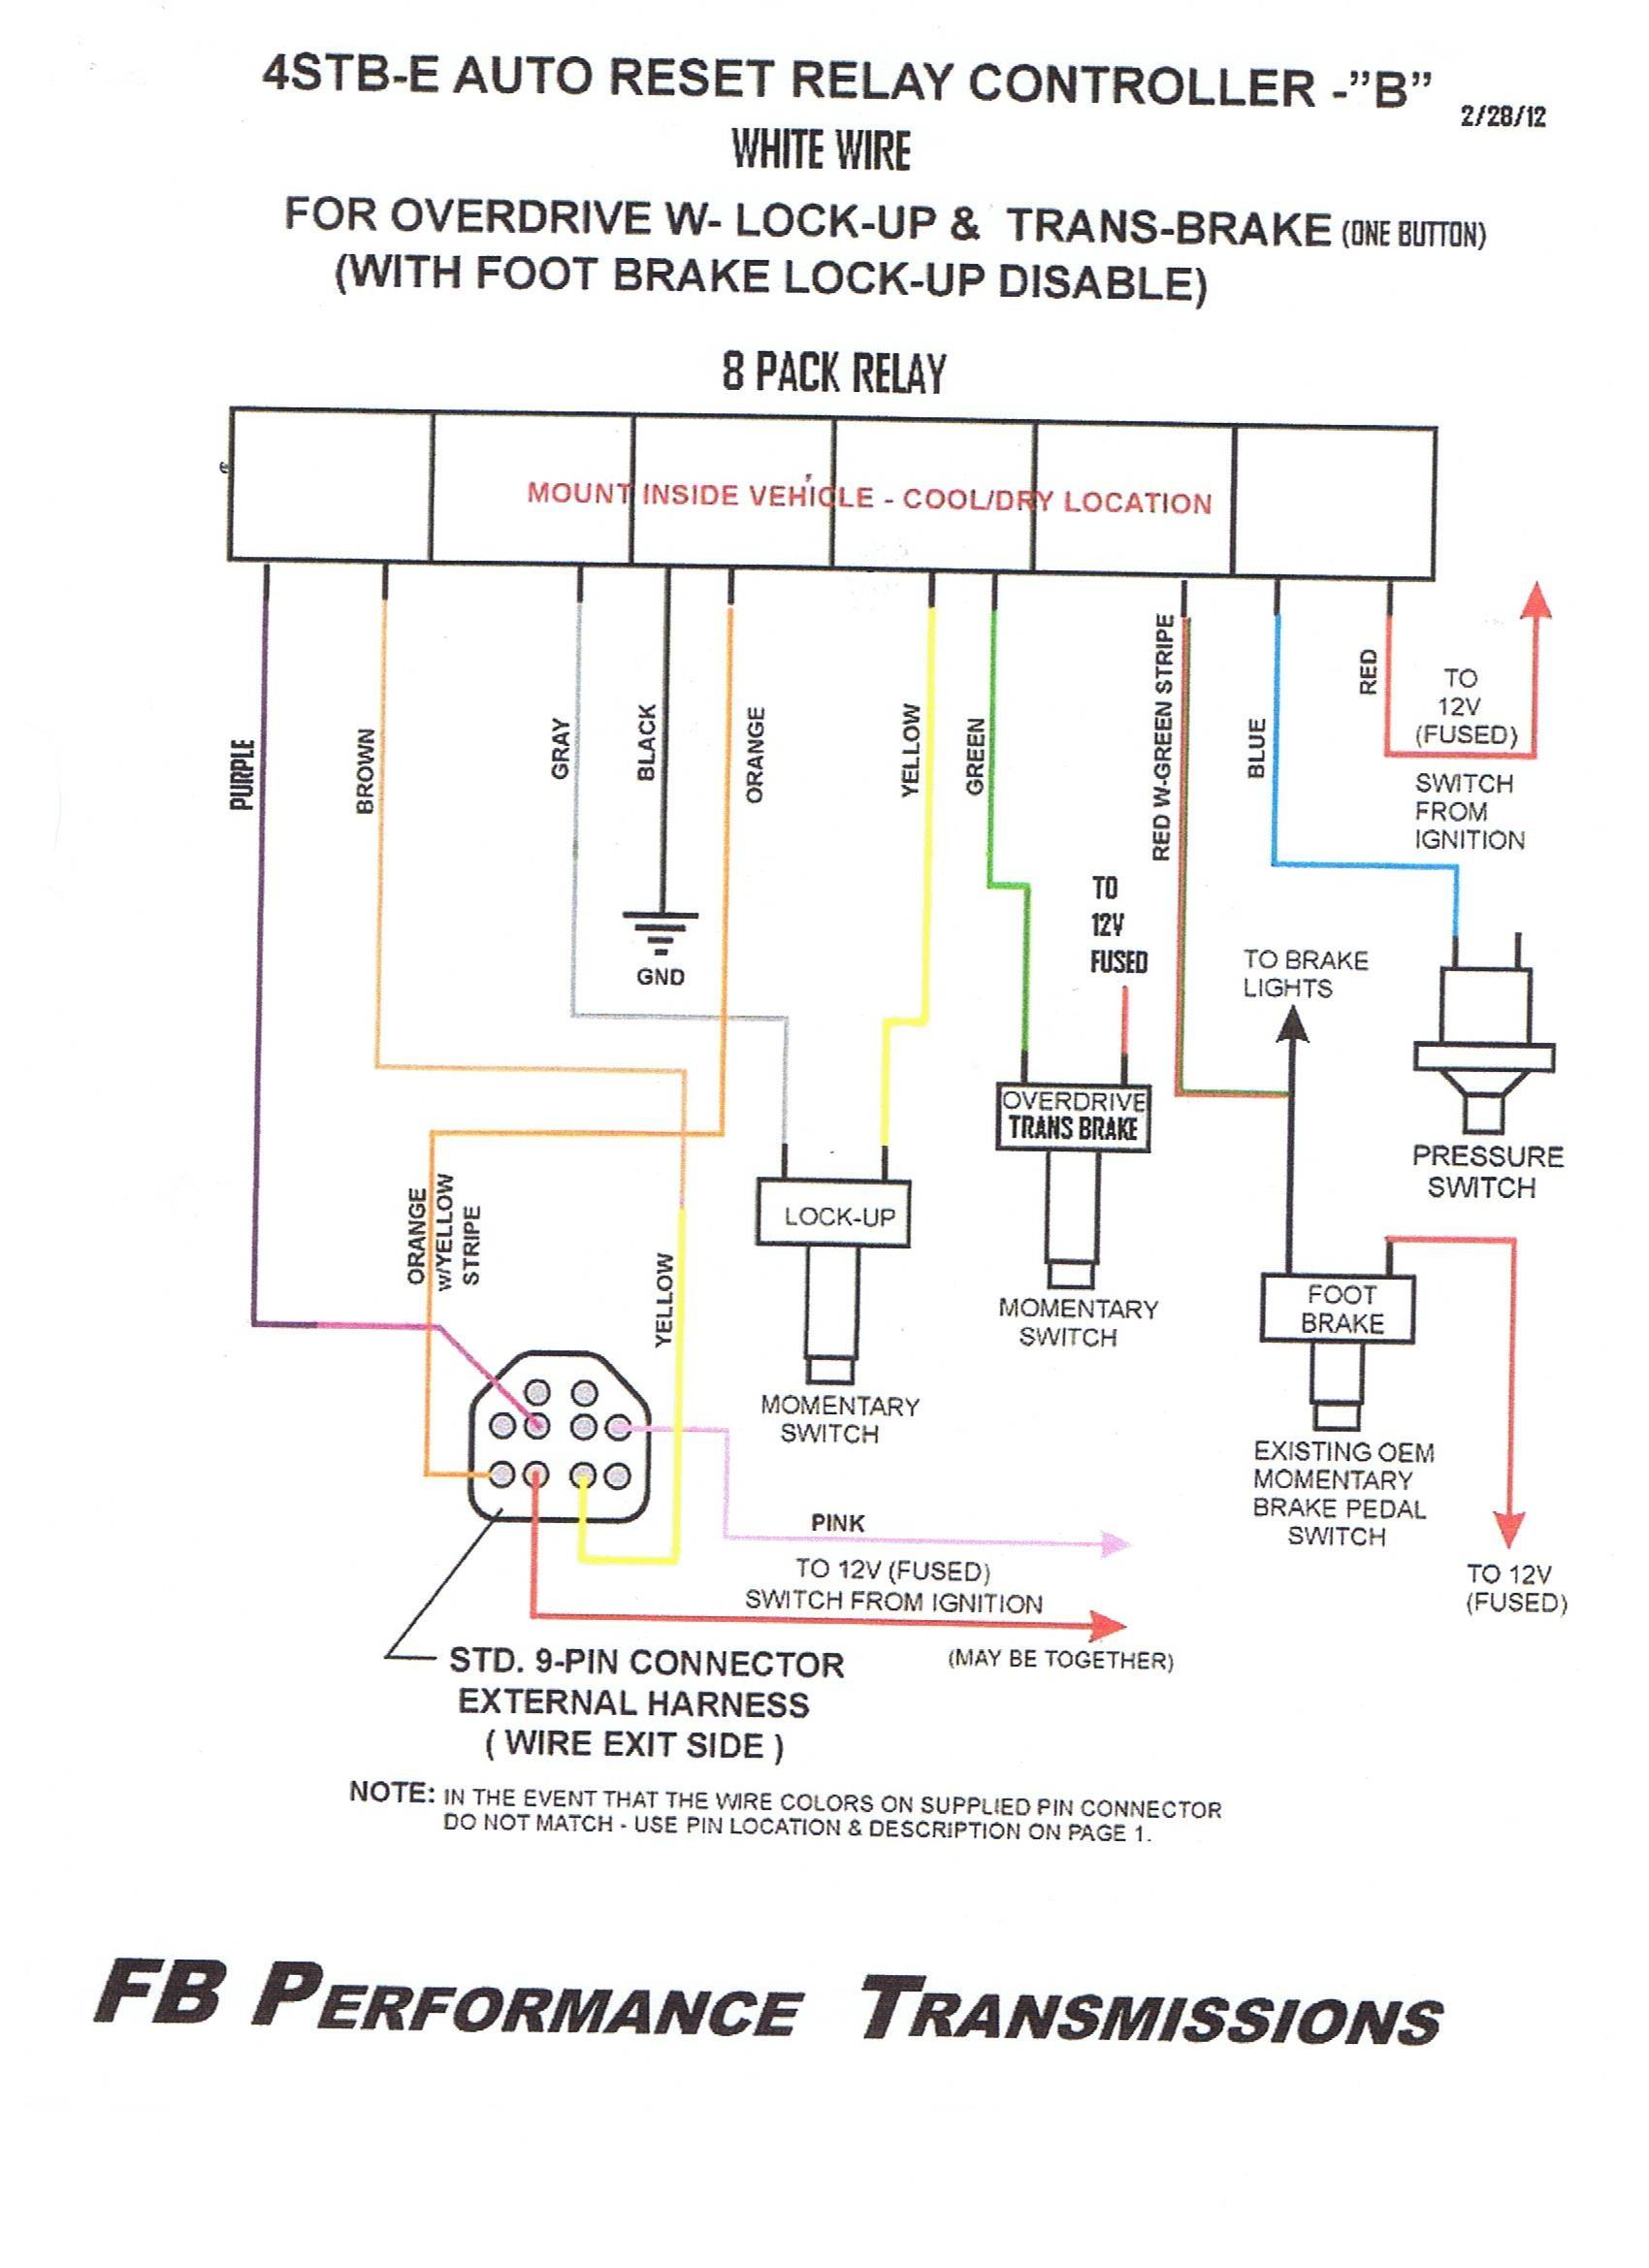 dodge ram 1500 wiring diagram Download-Wiring Diagram for Rope Lights New Wiring Diagram for Bulkhead Lights 2017 4r70w Wiring Od button 8-k